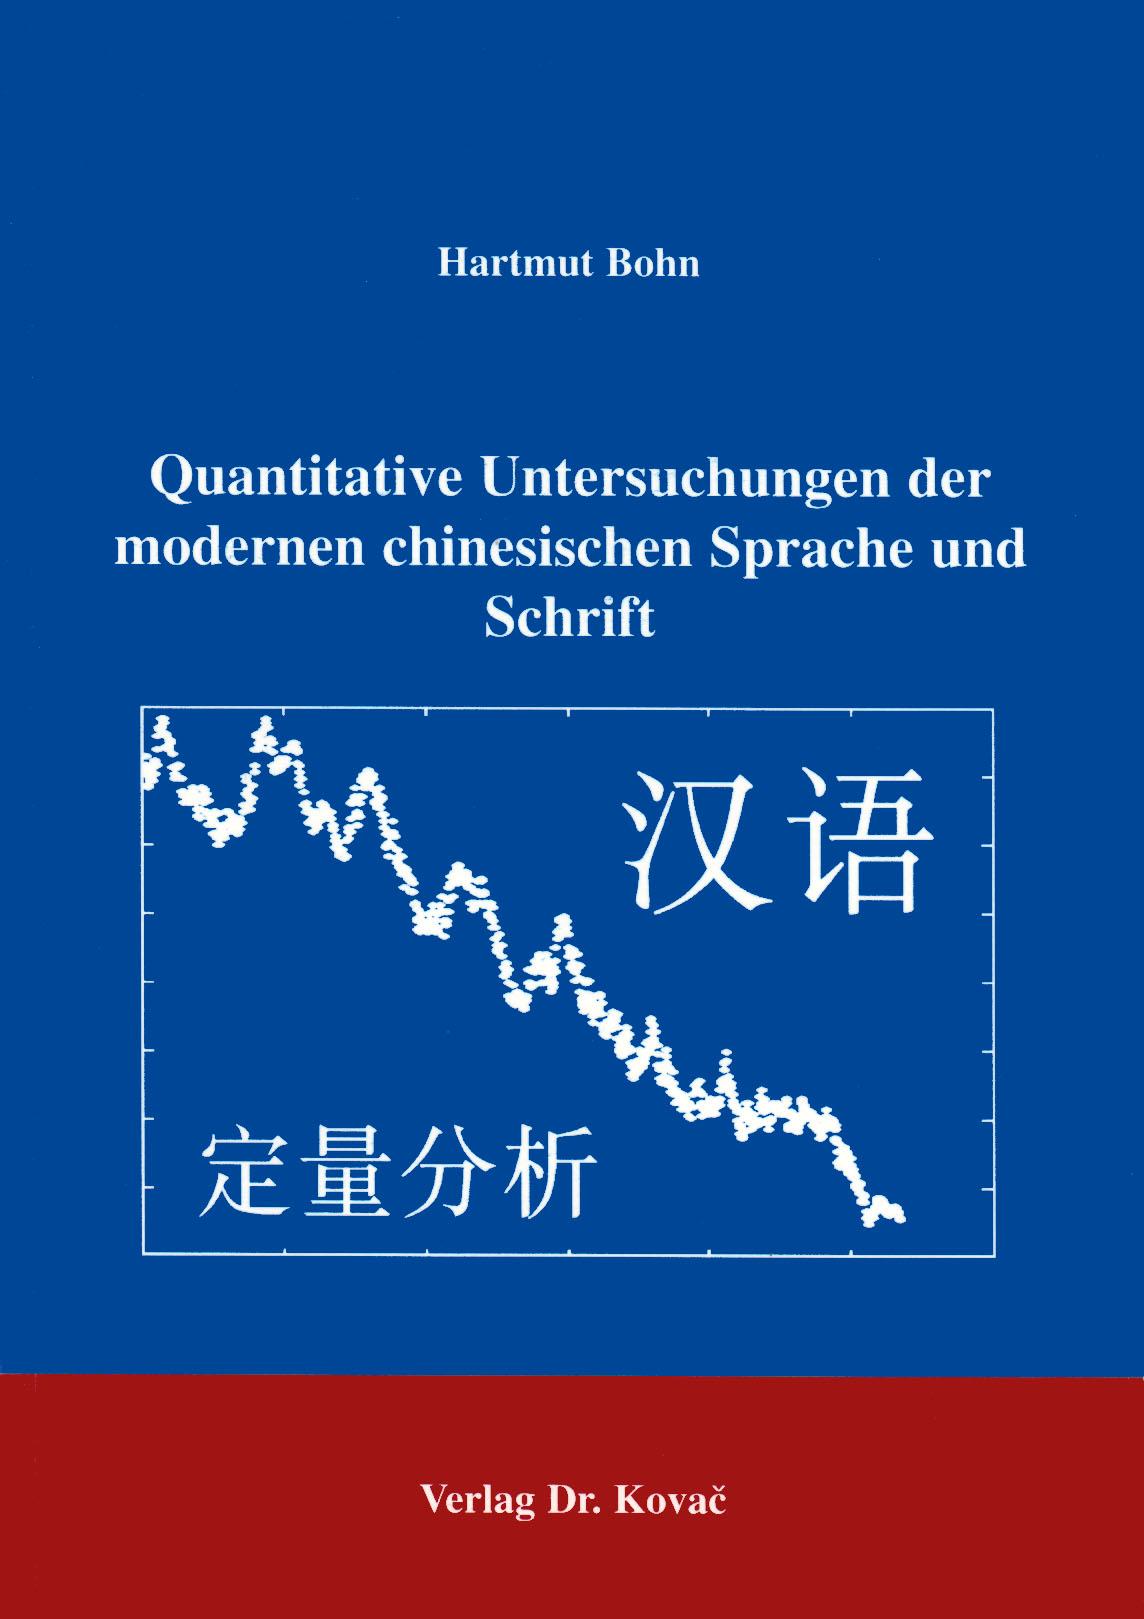 Cover: Quantitave Untersuchungen der modernen chinesischen Sprache und Schrift